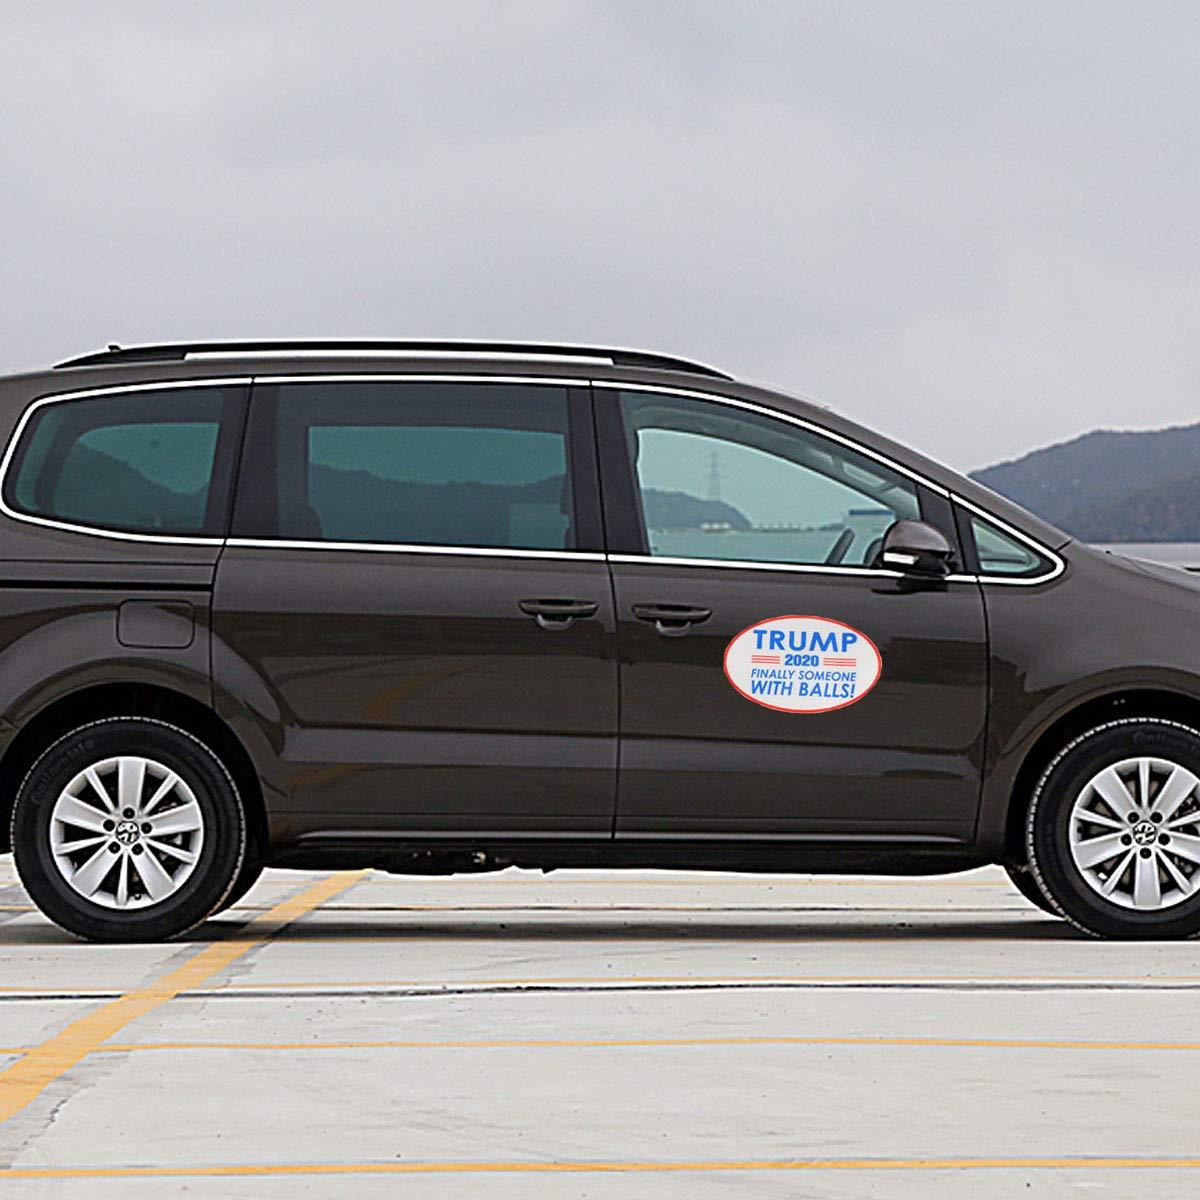 LIOOBO Car Styling Trump 2020 Series Autocollants Corps De Voiture Bumper Decal Decal Stickers D/écalque de Vinyle De Voiture Accessoires CT0025 Ellipse